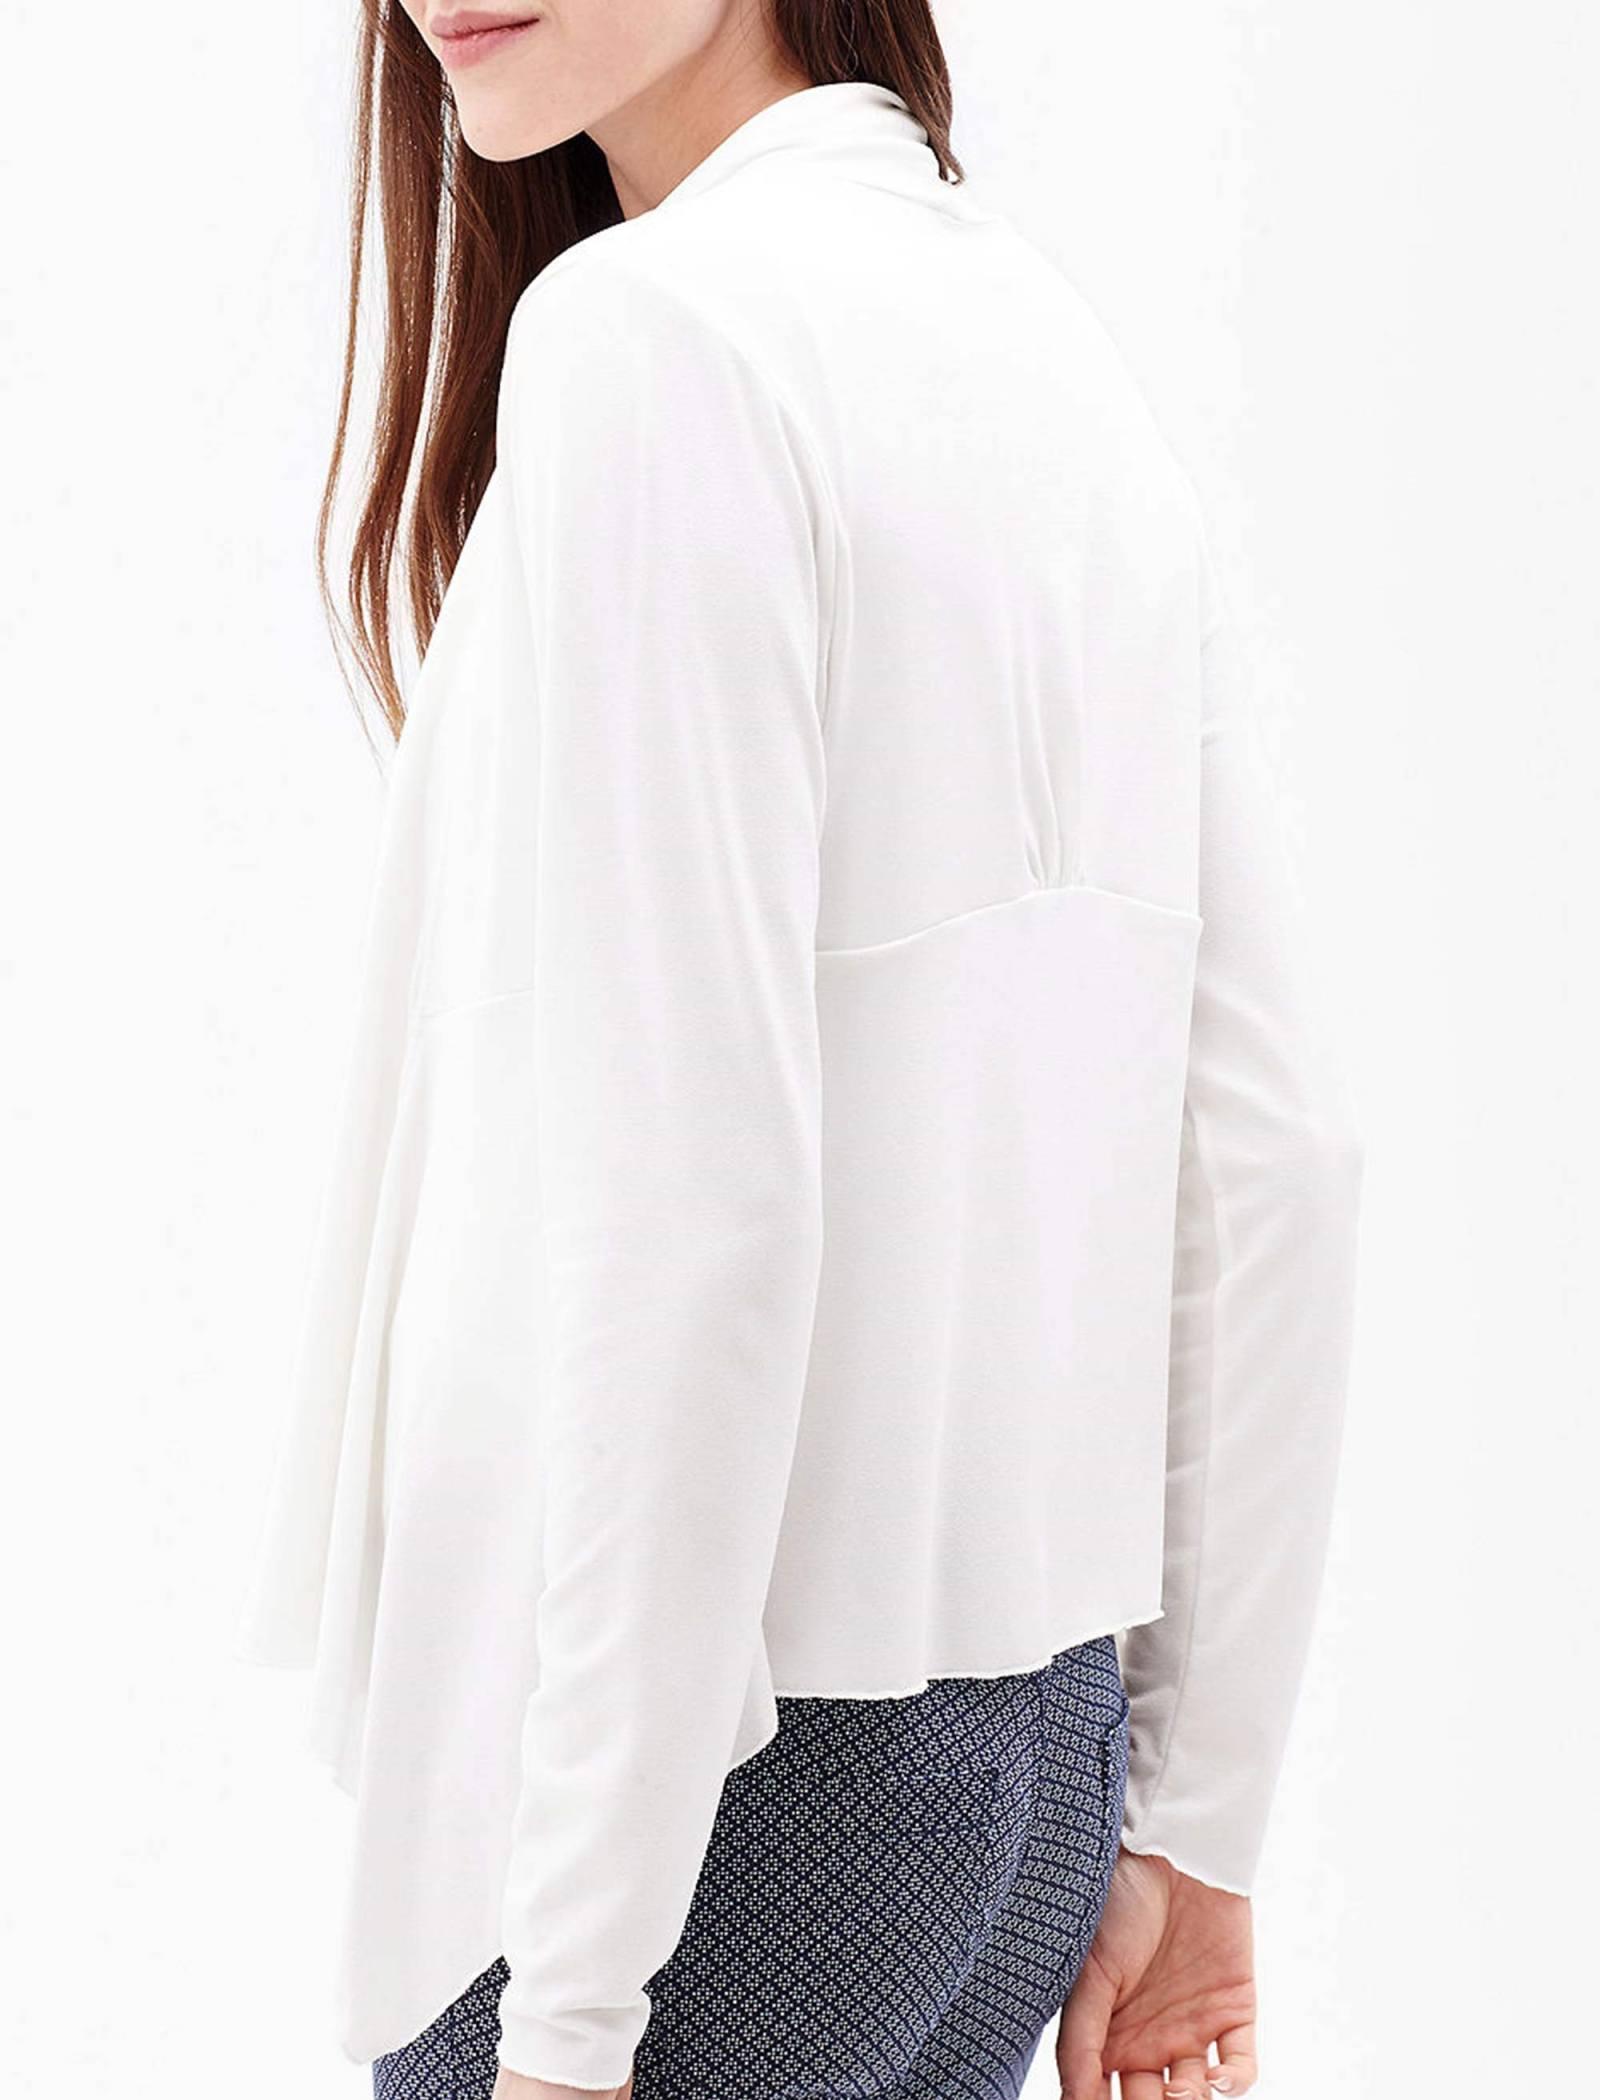 رویه لباس ساده زنانه - اس.اولیور - سفيد - 2